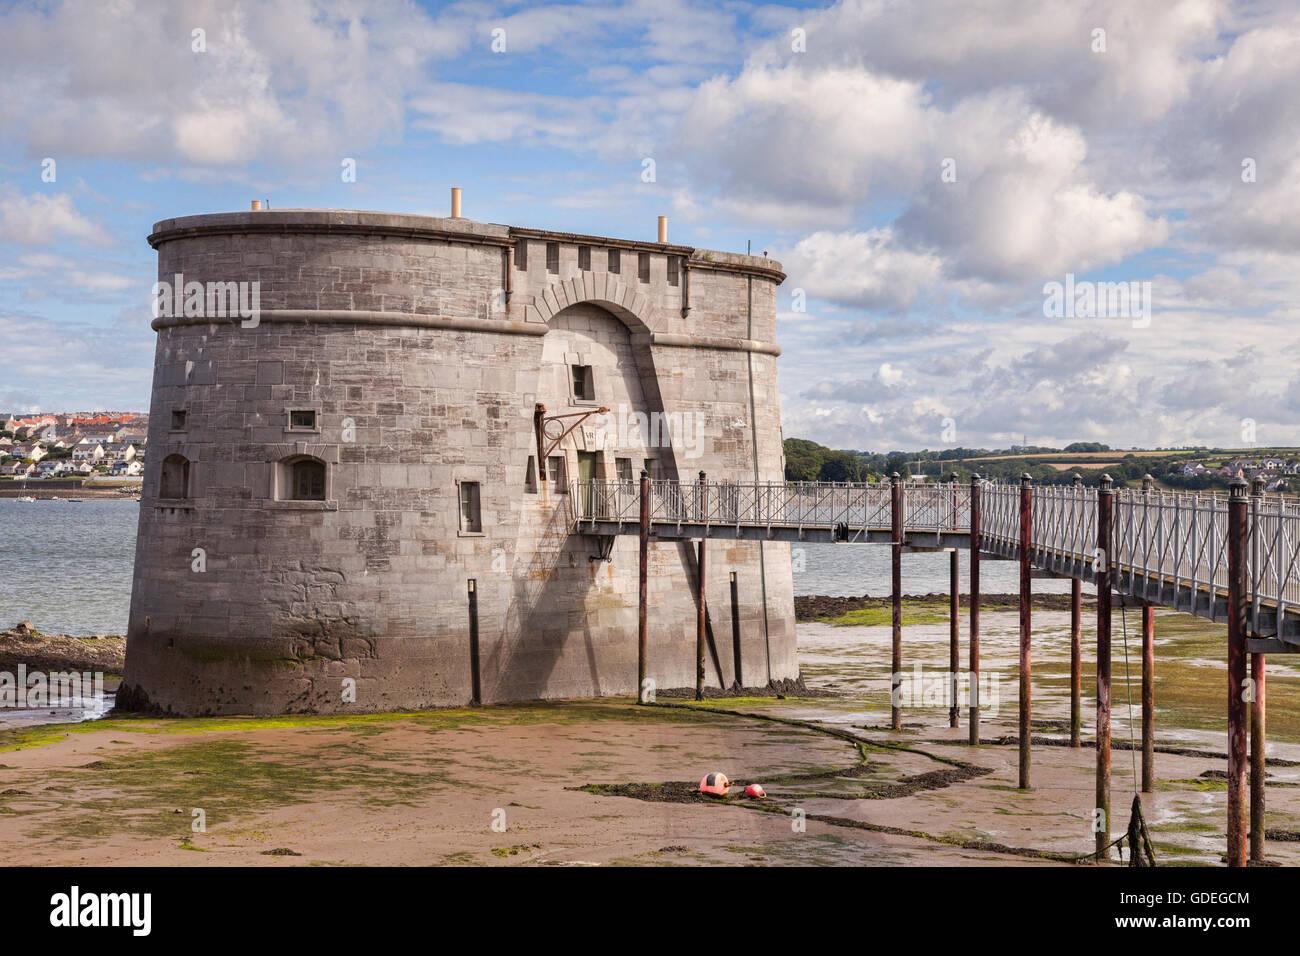 Musée de la tour des armes à feu, Pembroke Dock, Pembrokeshire, Pays de Galles, Royaume-Uni Photo Stock